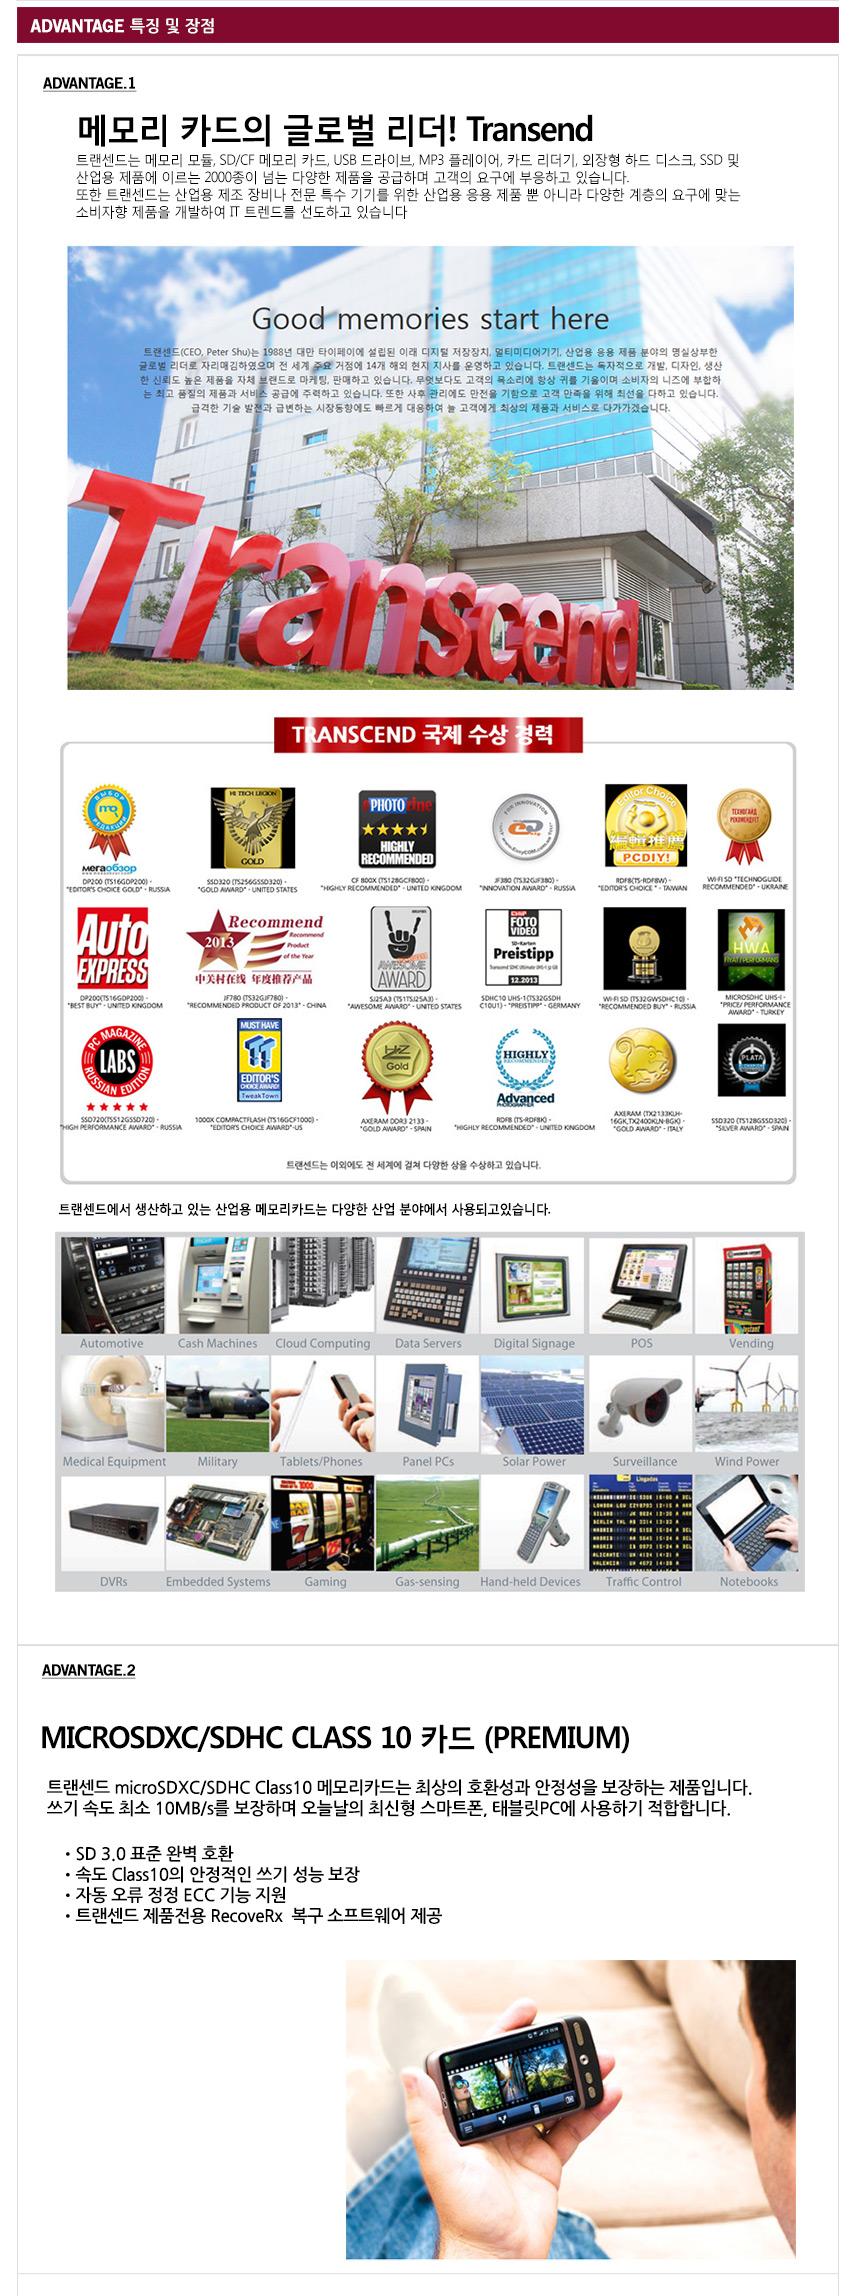 메모리카드,트랜센드메모리카드,블랙박스메모리카드,메모리칩,64GB,64기가메모리카드